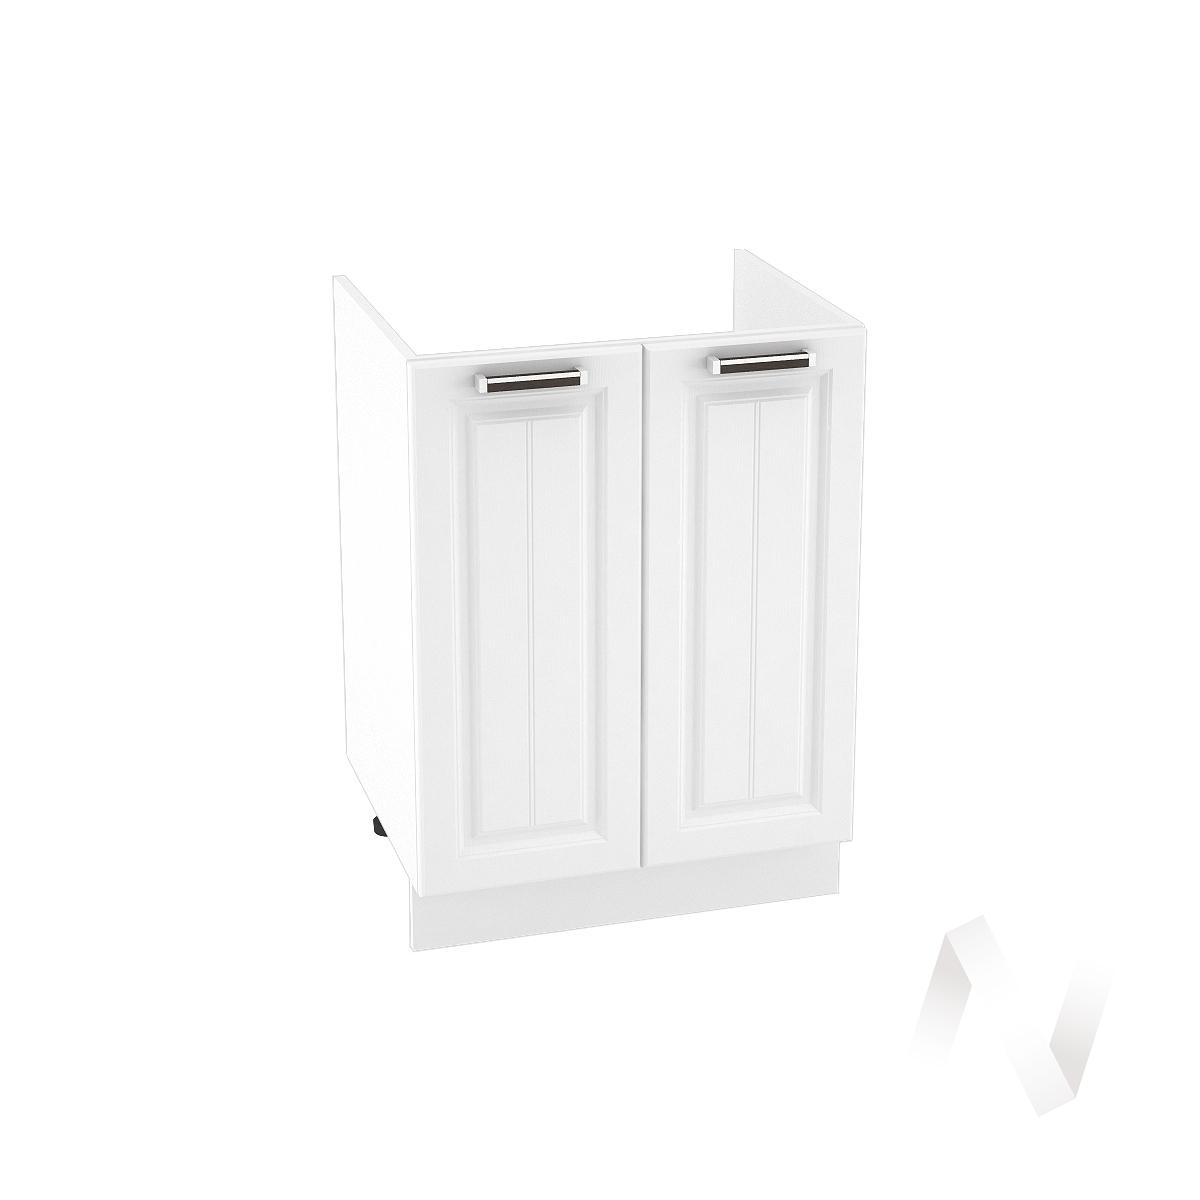 """Кухня """"Прага"""": Шкаф нижний под мойку 600, ШНМ 600 новый (белое дерево/корпус белый)"""